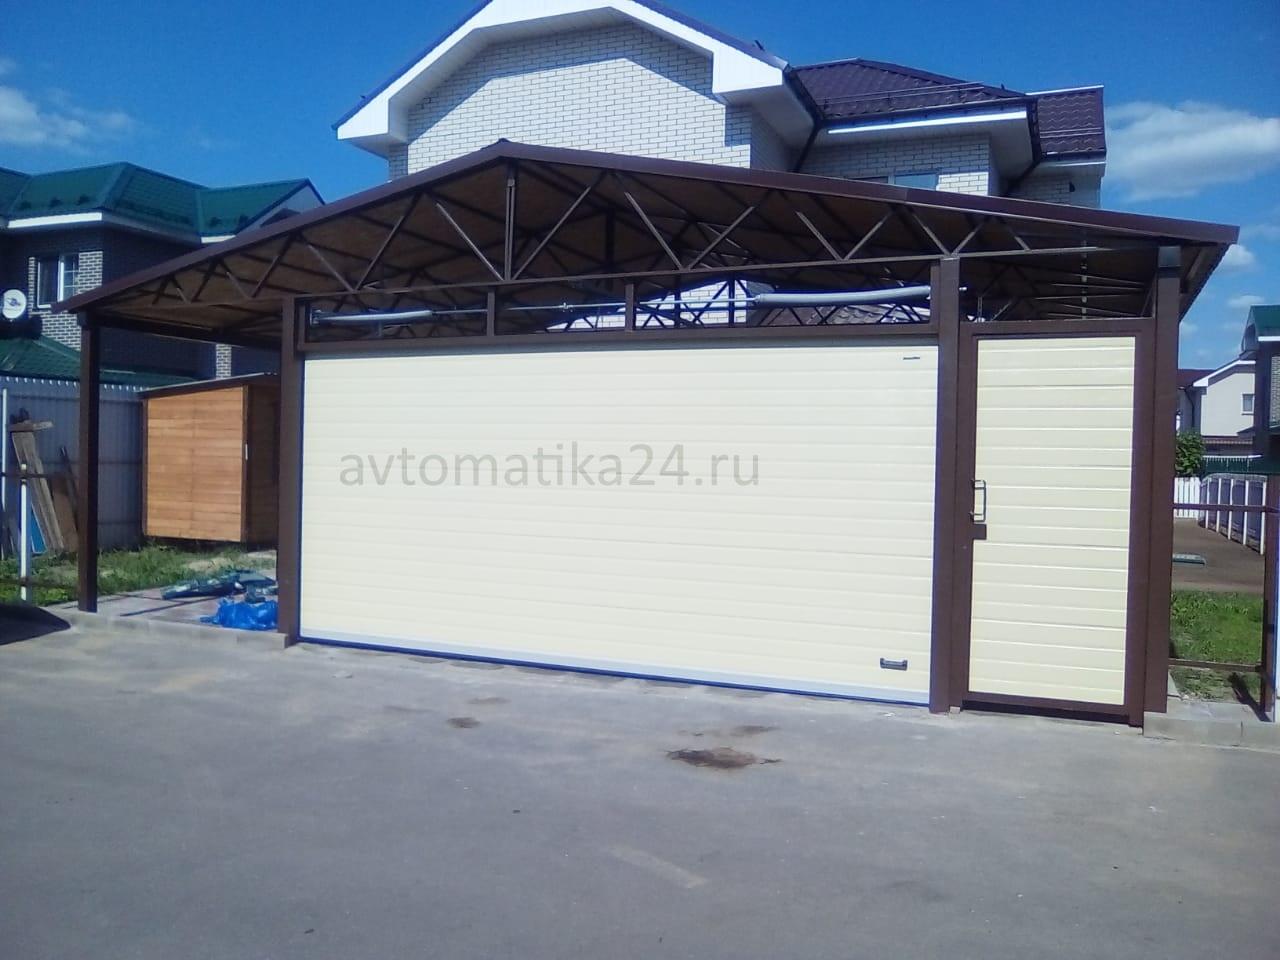 ворота в гараж   фото 1 из 1